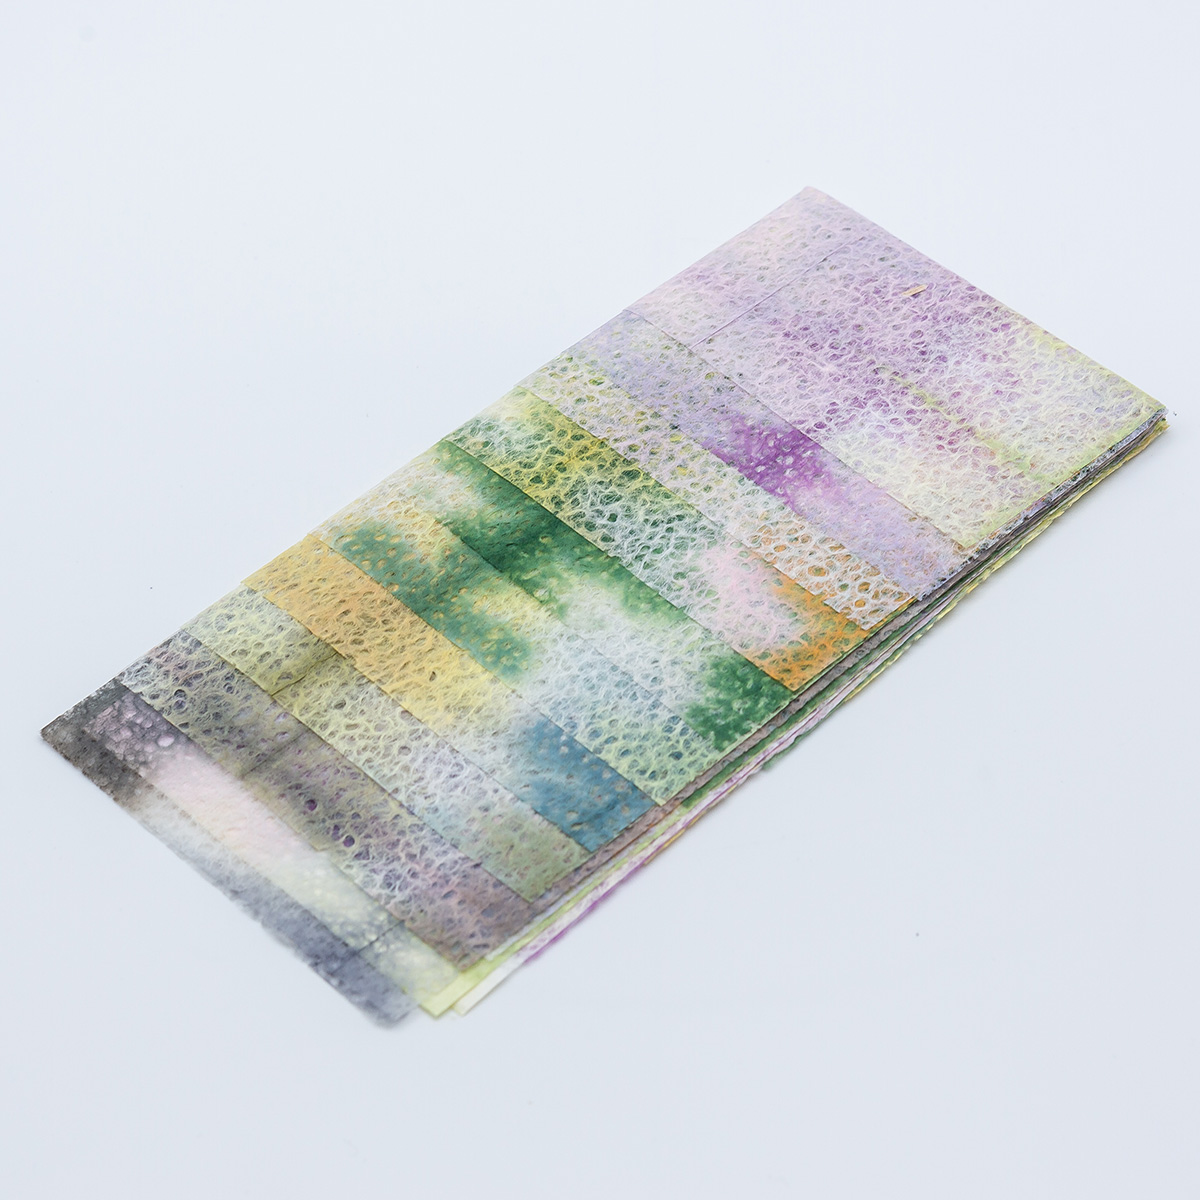 落水紙板締めセット(10枚入)